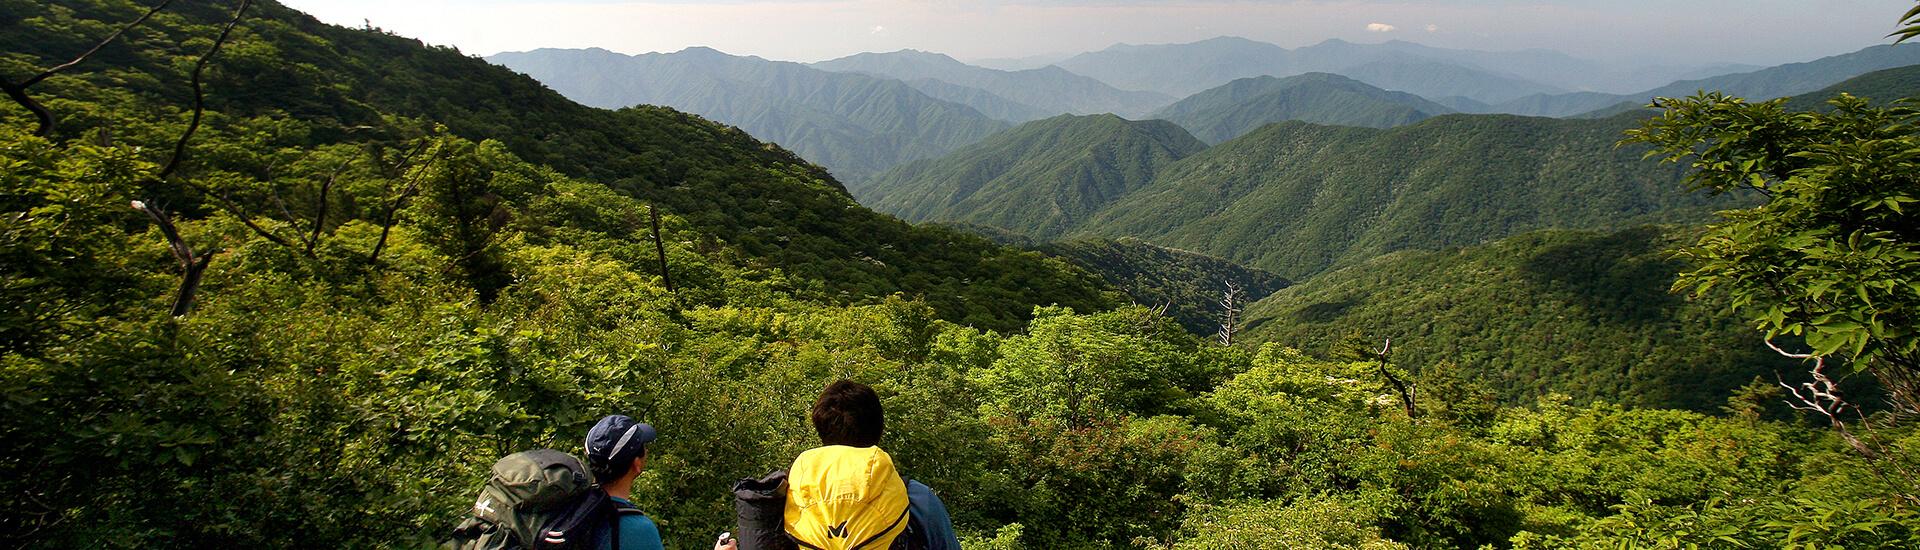 韓国の山の写真